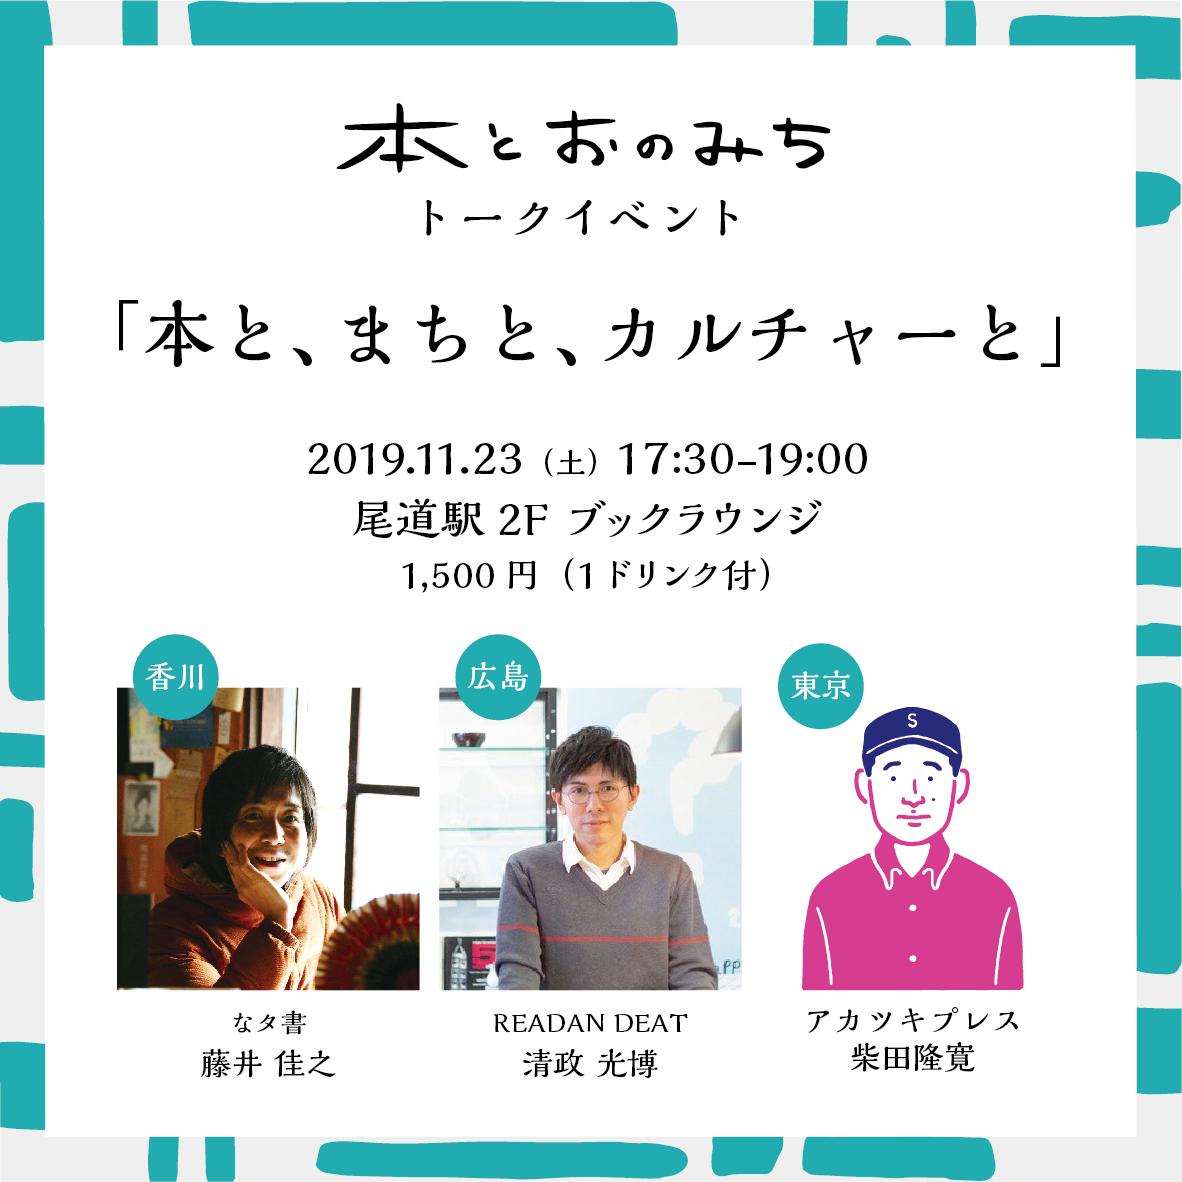 「本とおのみち」尾道駅前広場と尾道のまちを会場にしたブックイベント